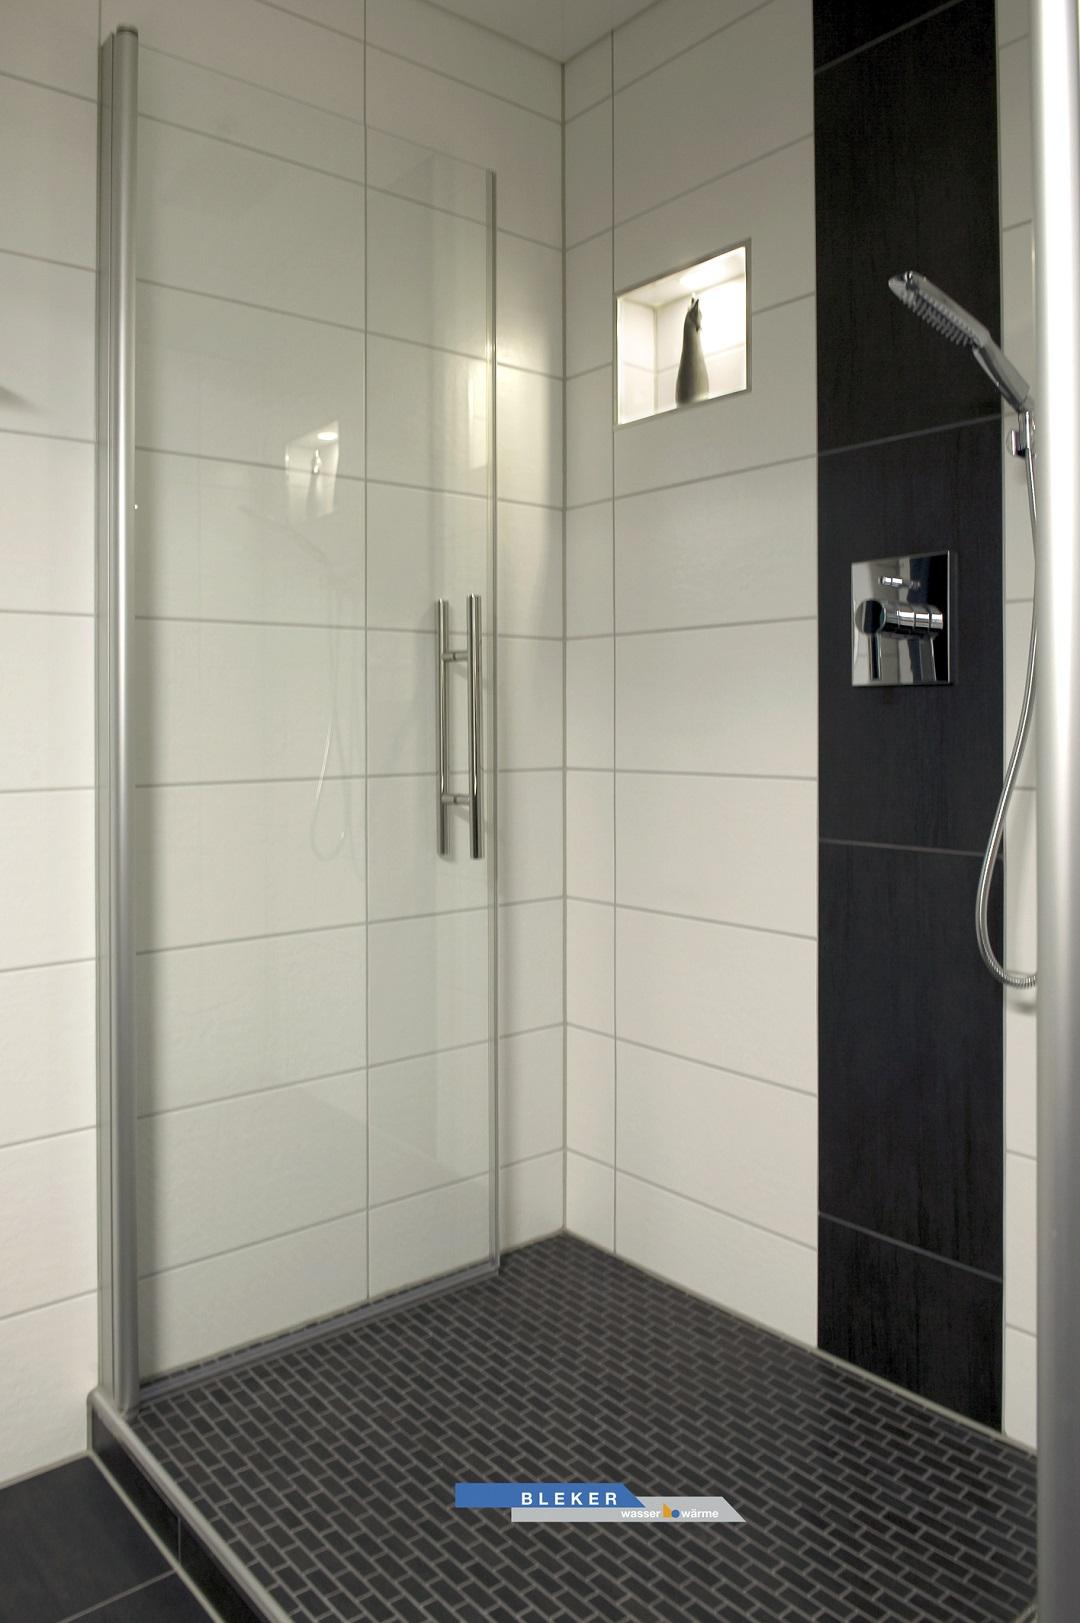 grosse breite Dusche schwarz weiss gefliest